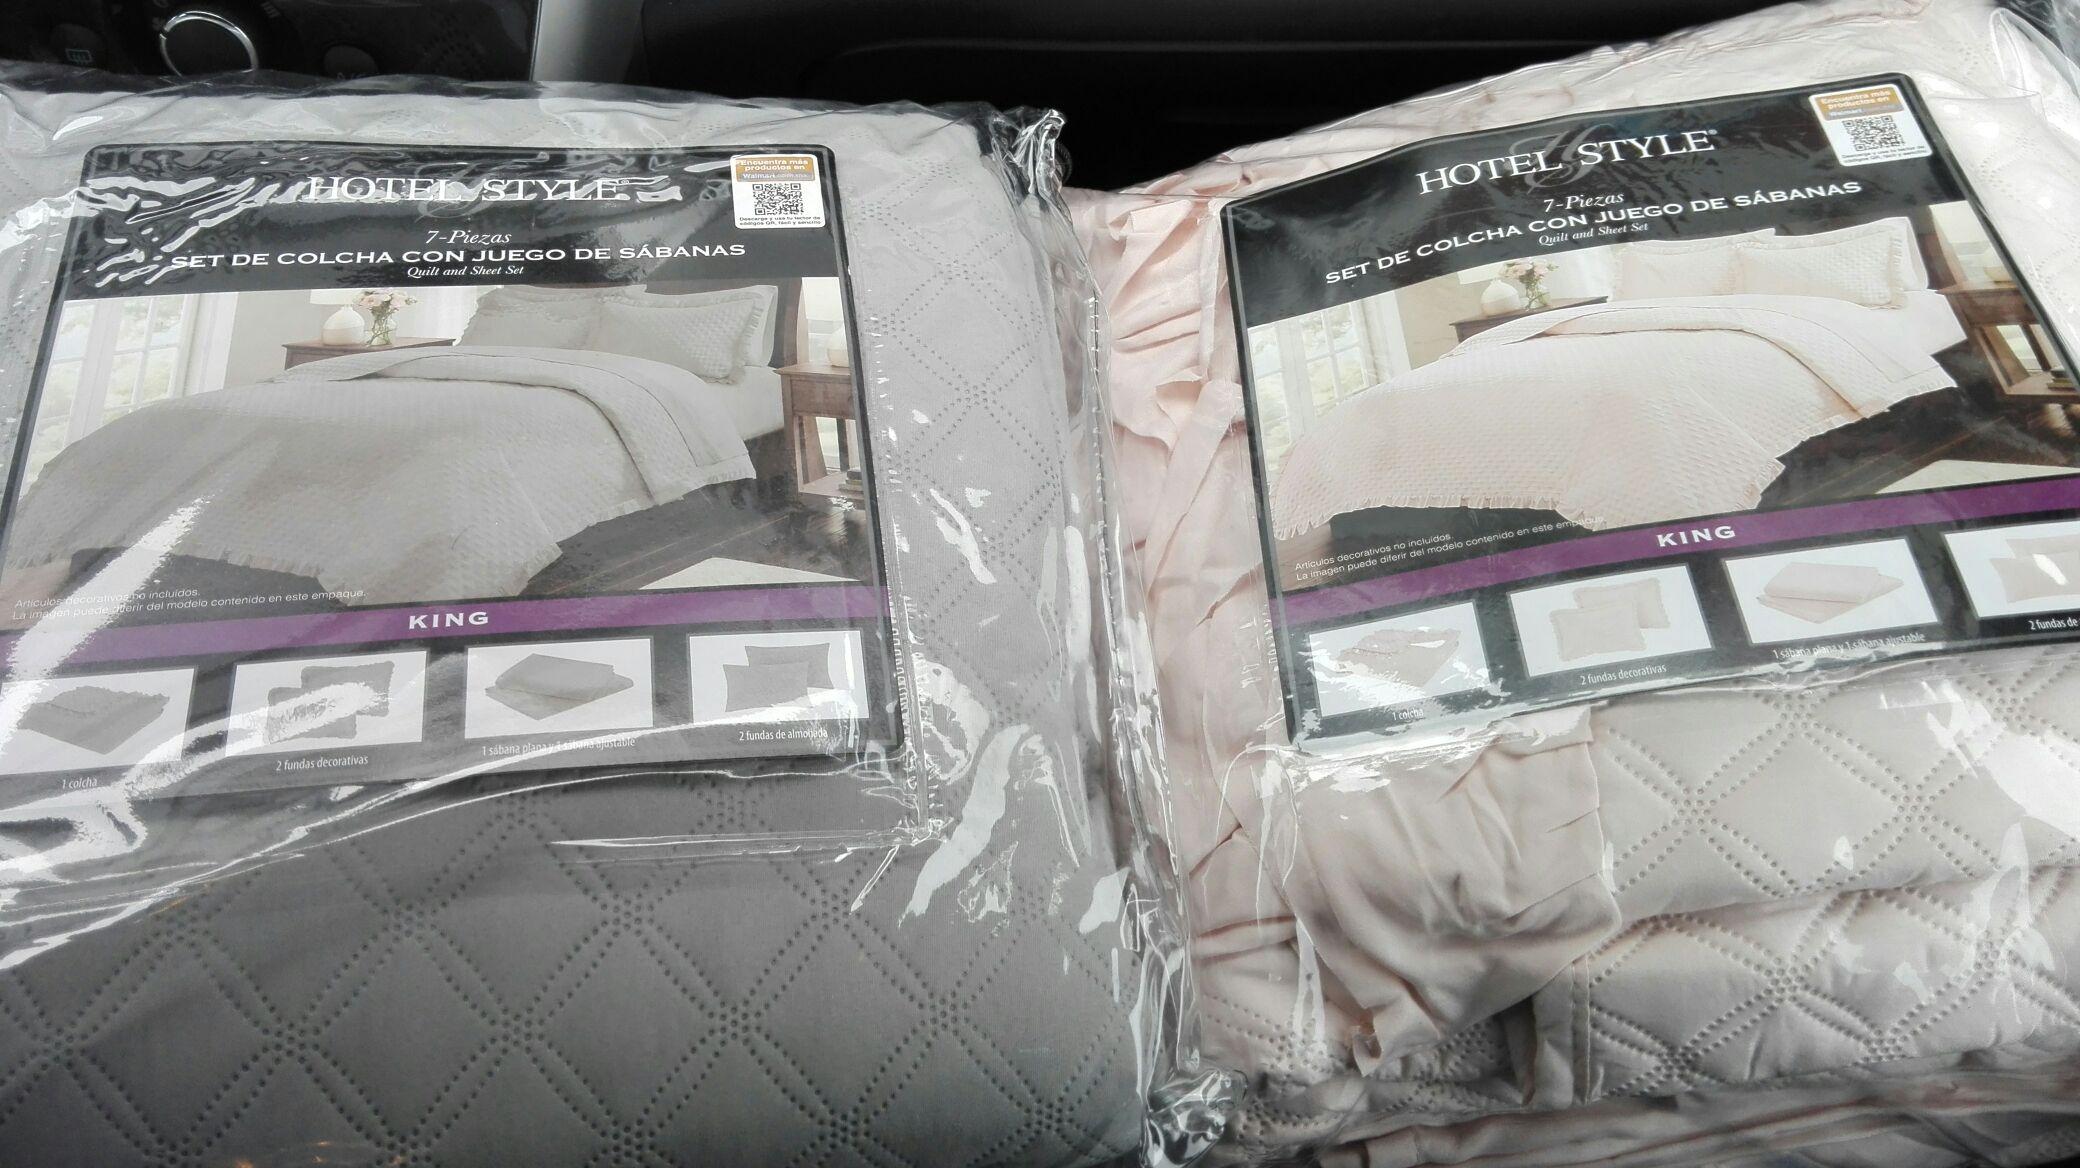 Walmart: set de colcha con juego de sabanas hotel style 7 piezas